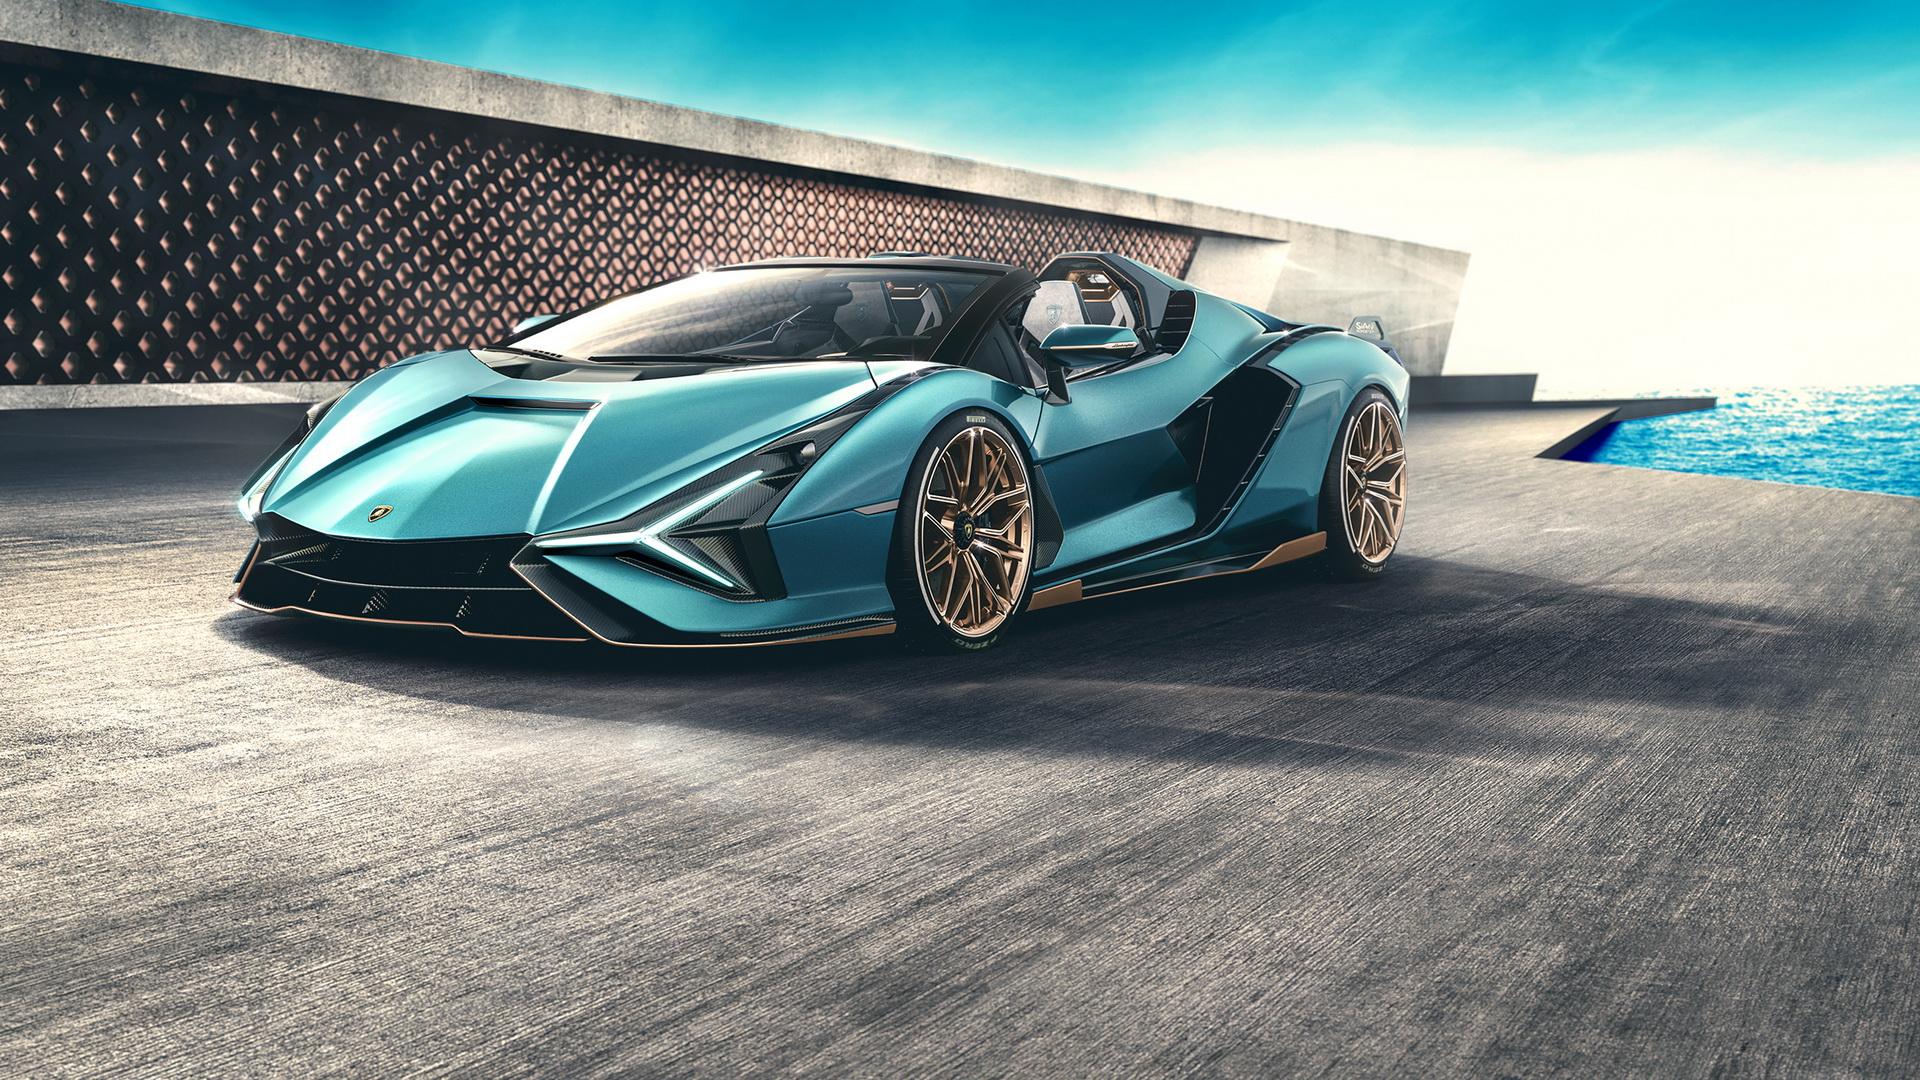 Lamborghini Sian Roadster 2020, вид спереди